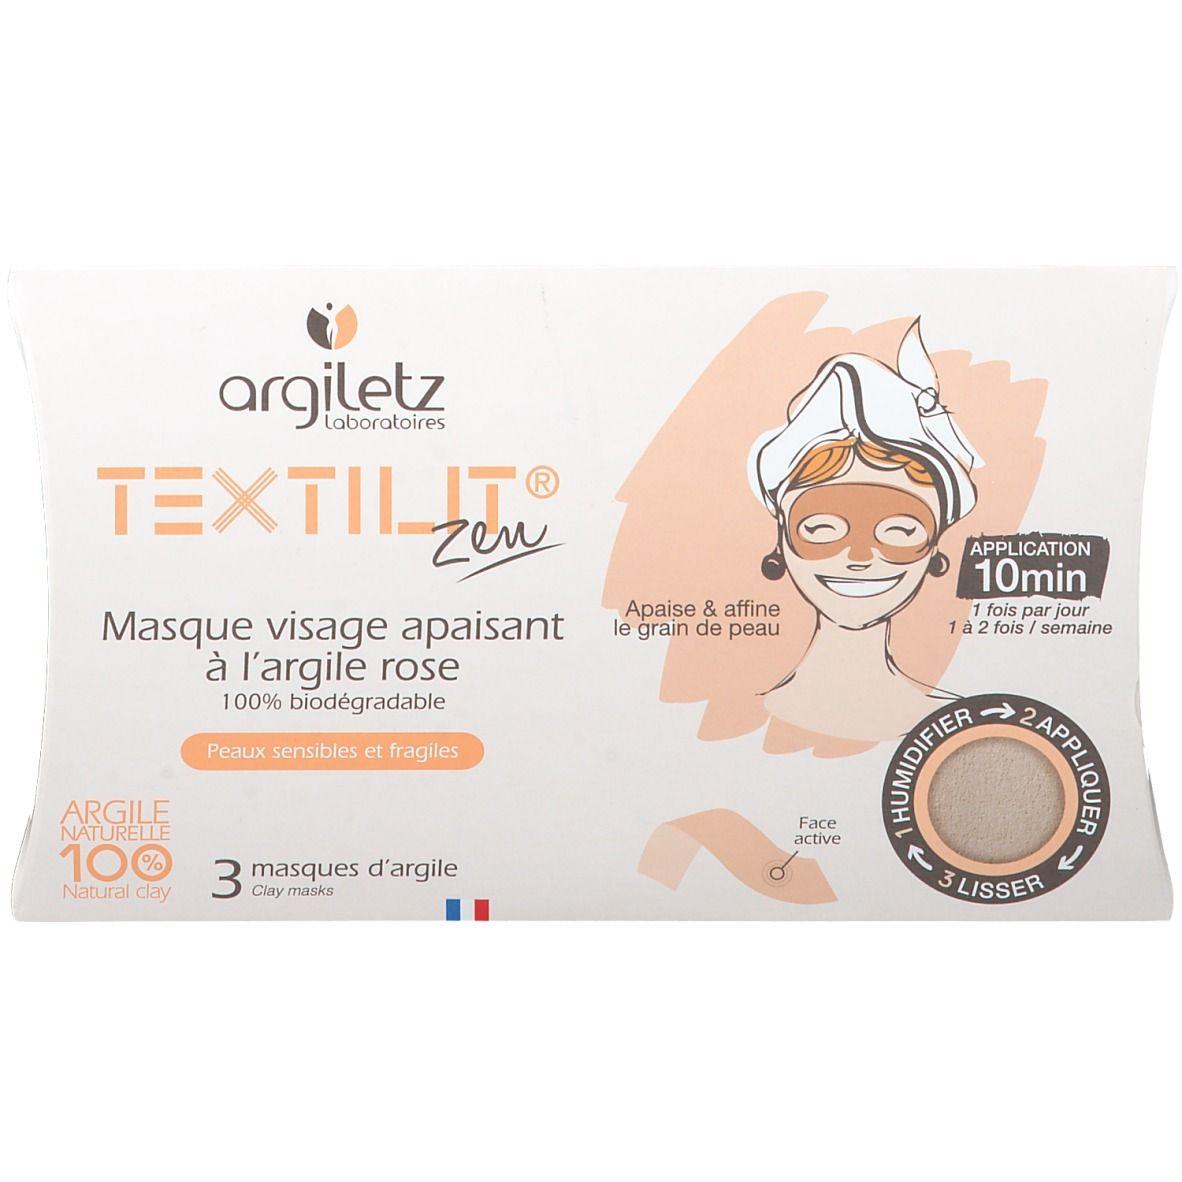 Argiletz Masque visage a l'Argile rose textilit pc(s) masque(s) pour le visage